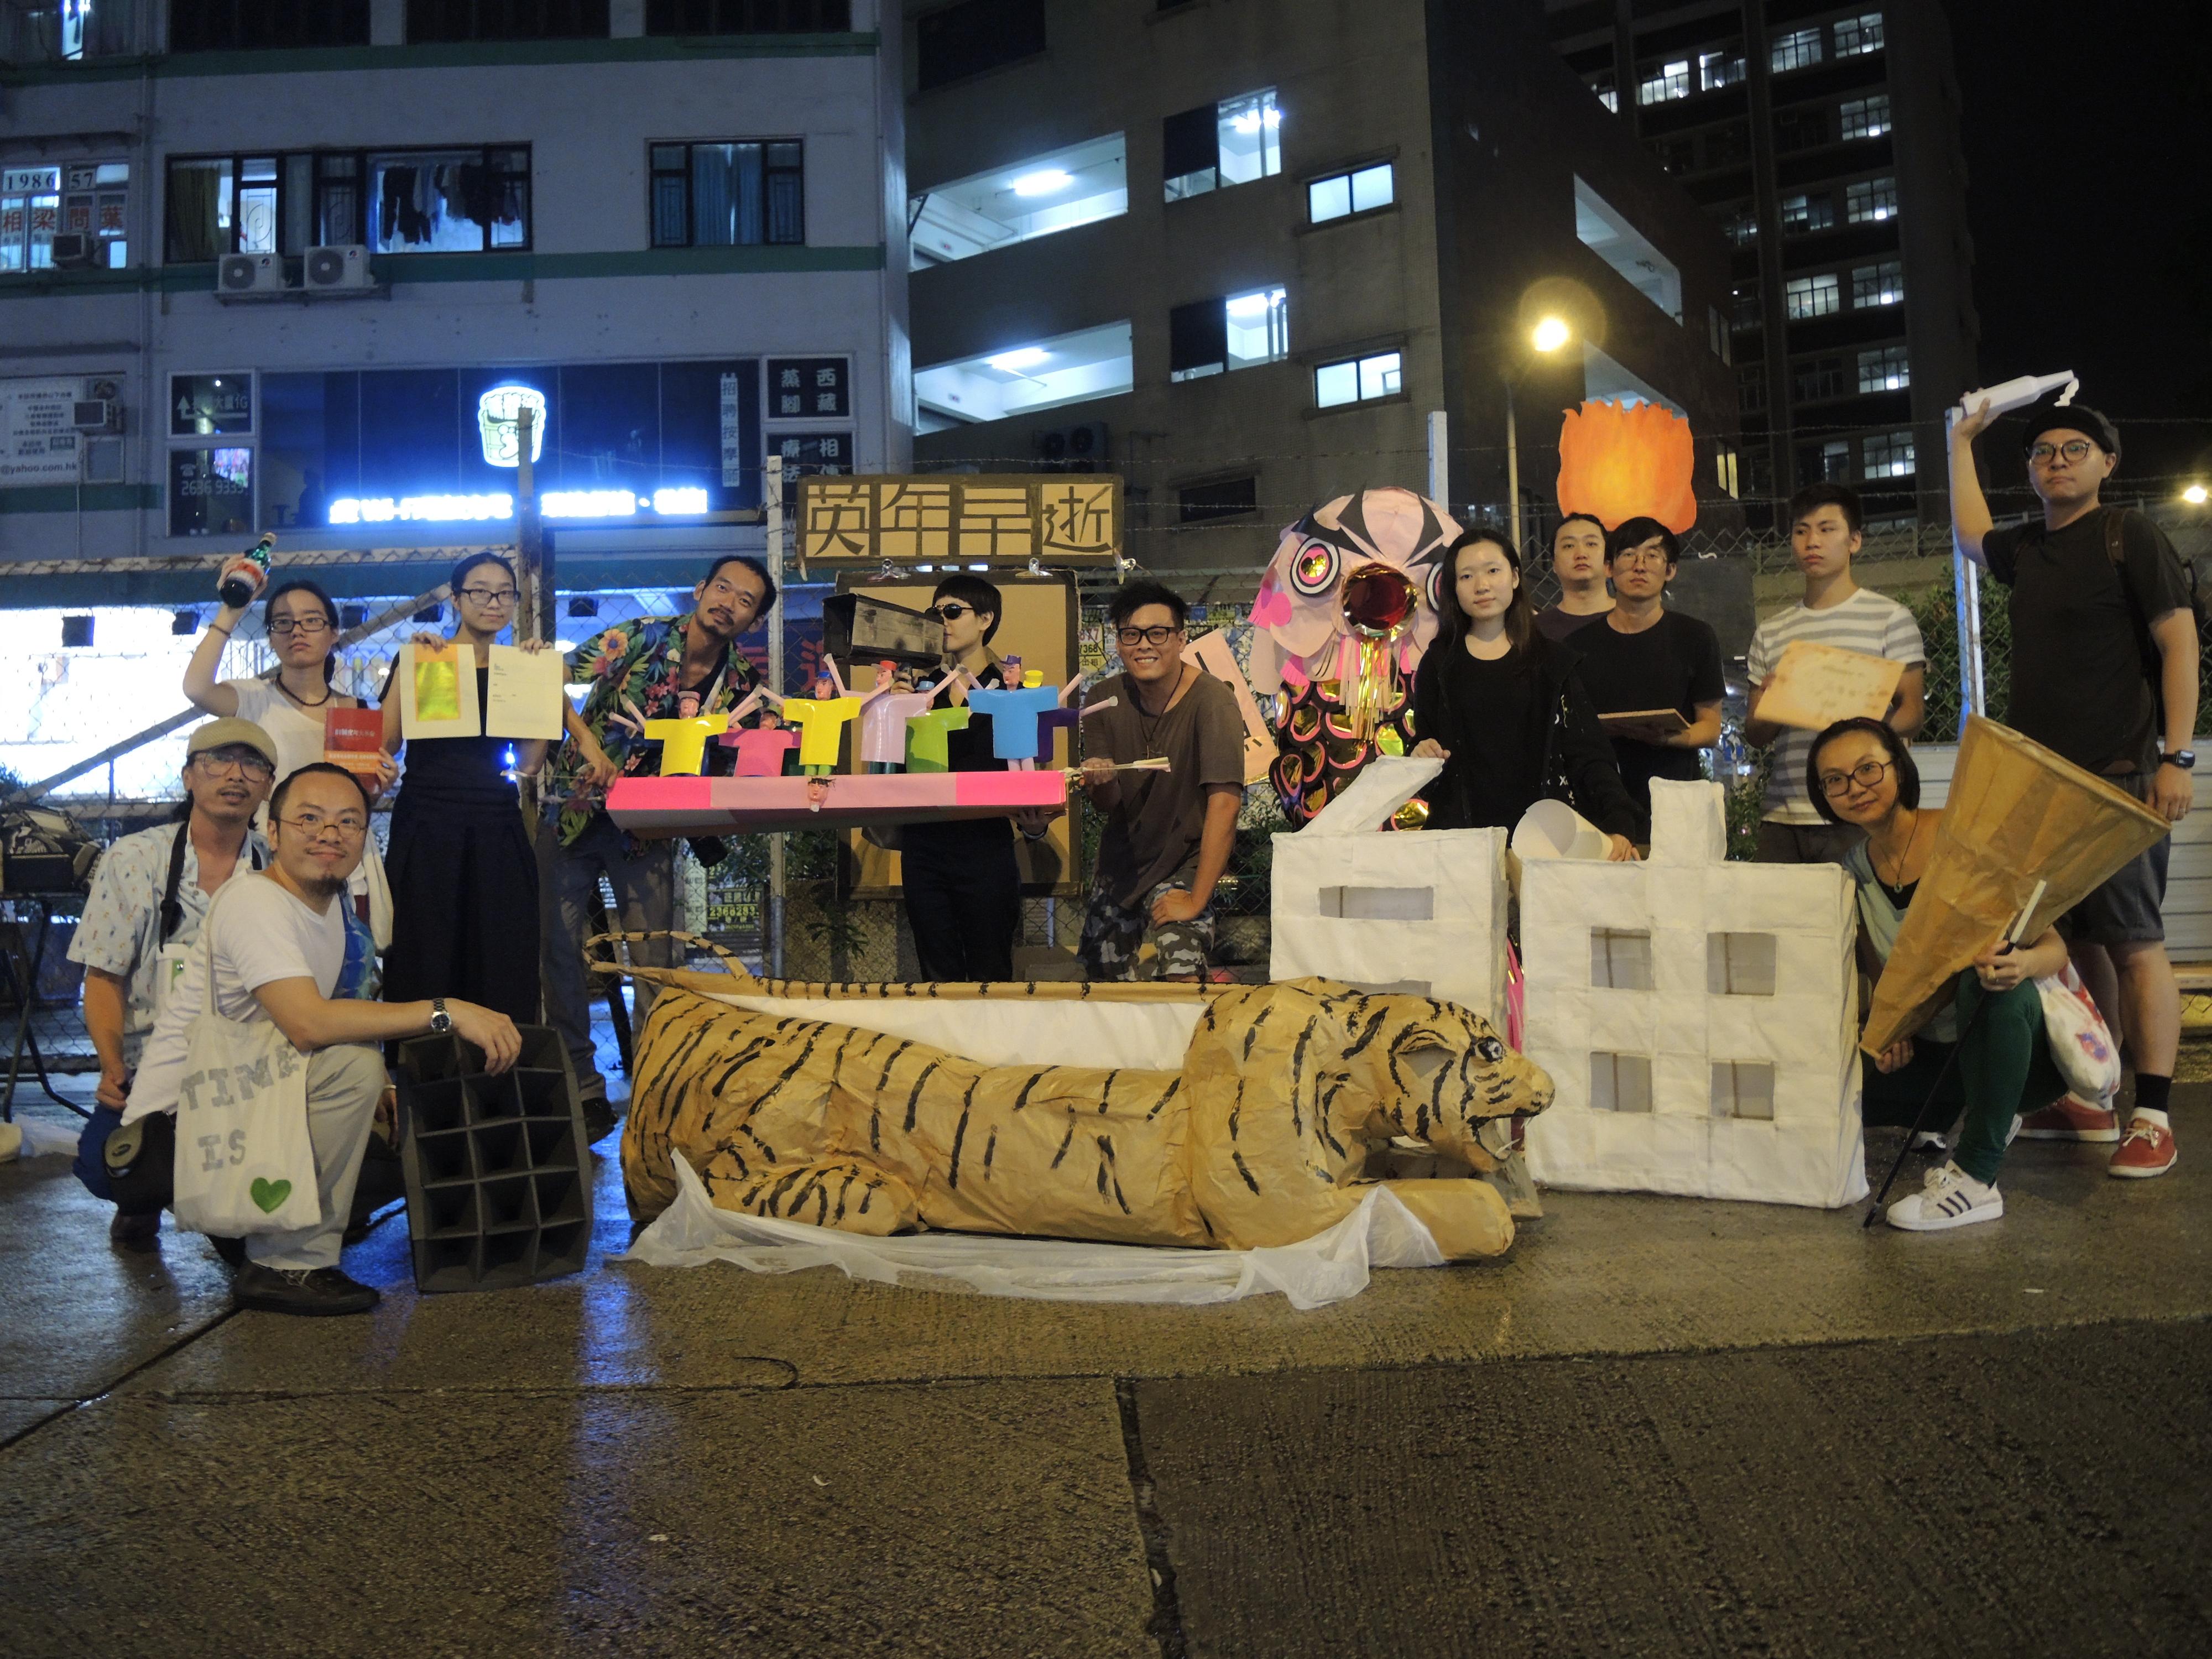 http://ubeat.com.cuhk.edu.hk/wp-content/uploads/2018/cg2_DSCN8049.jpg